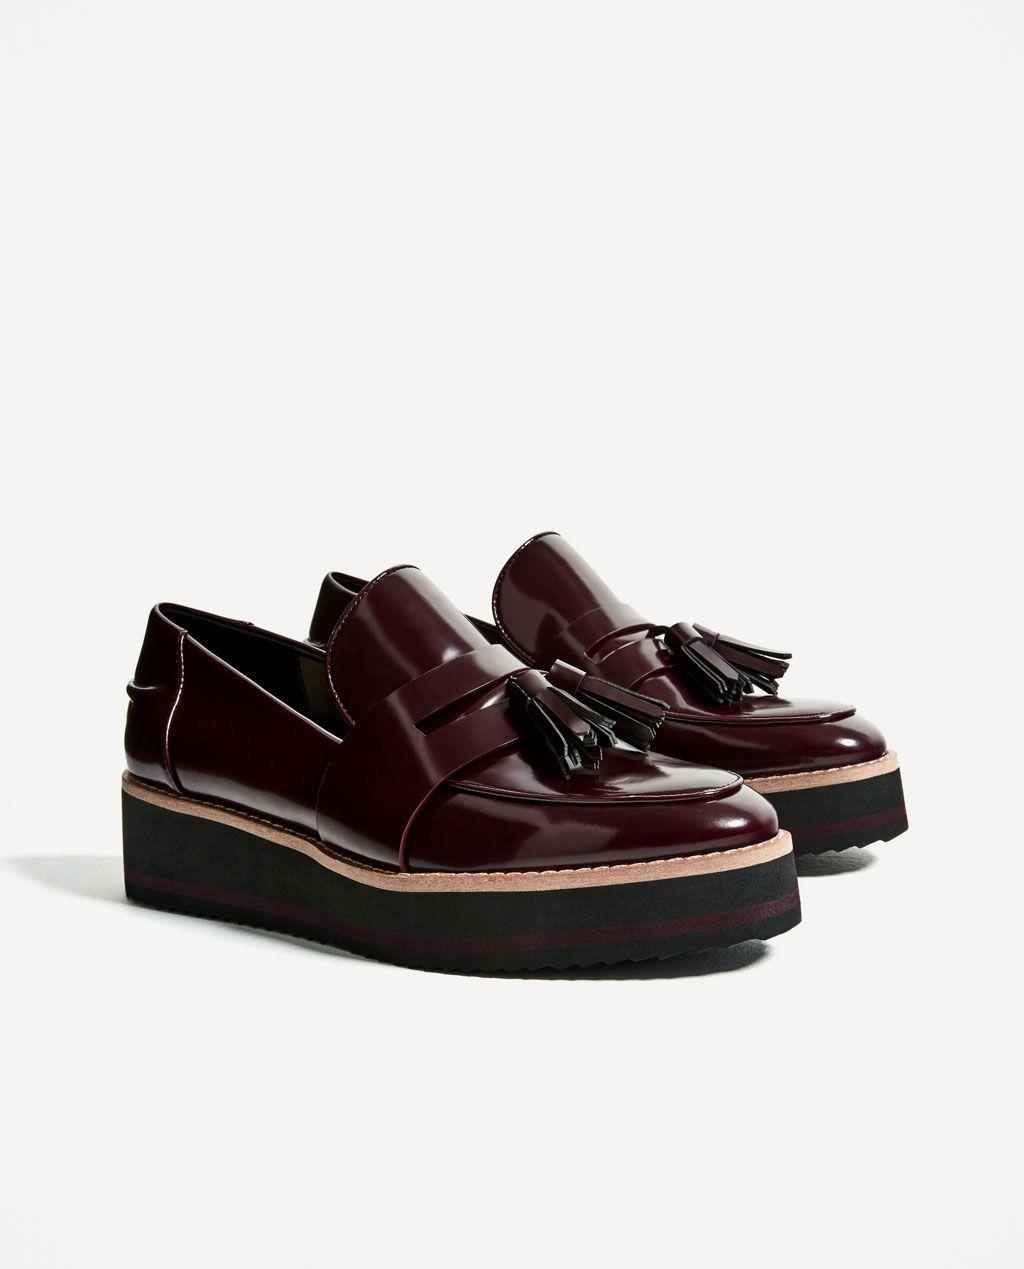 Zapatos FUNNY MOD Cuero Charol Marrón T 365 EXCELENTE ESTADO